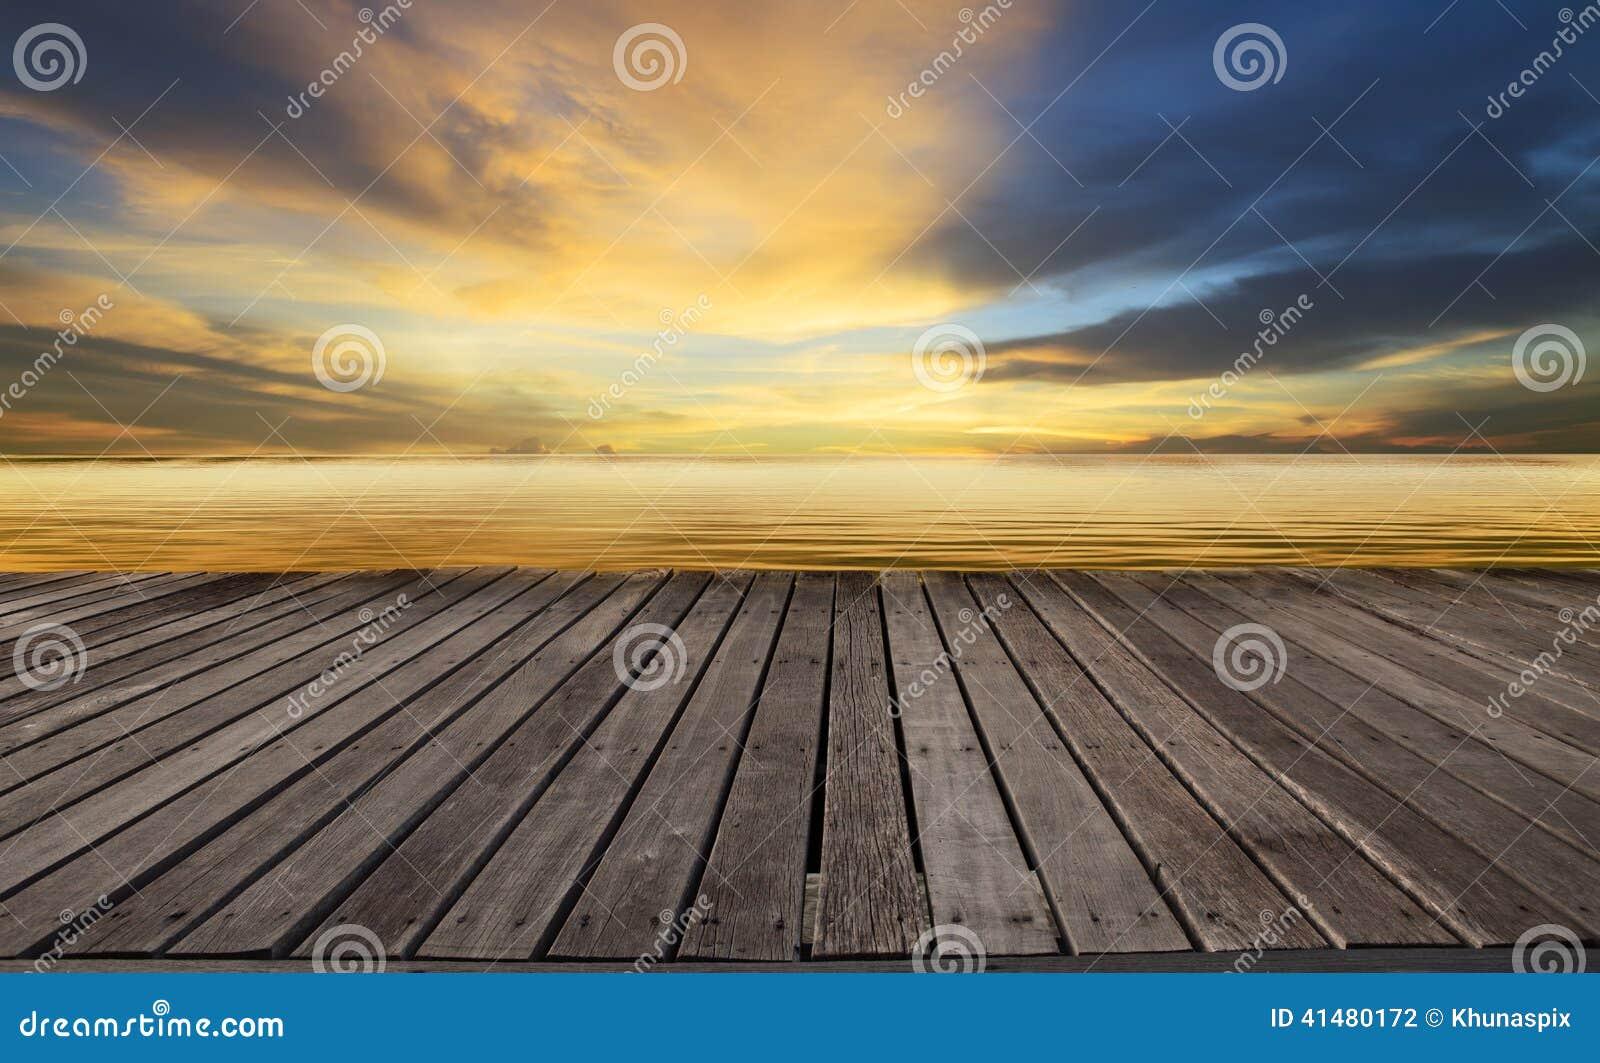 Geweven van houten terras en mooie duistere hemel met vrij exemplaar ruimtegebruik voor achtergrond, achtergrond om goederen en n